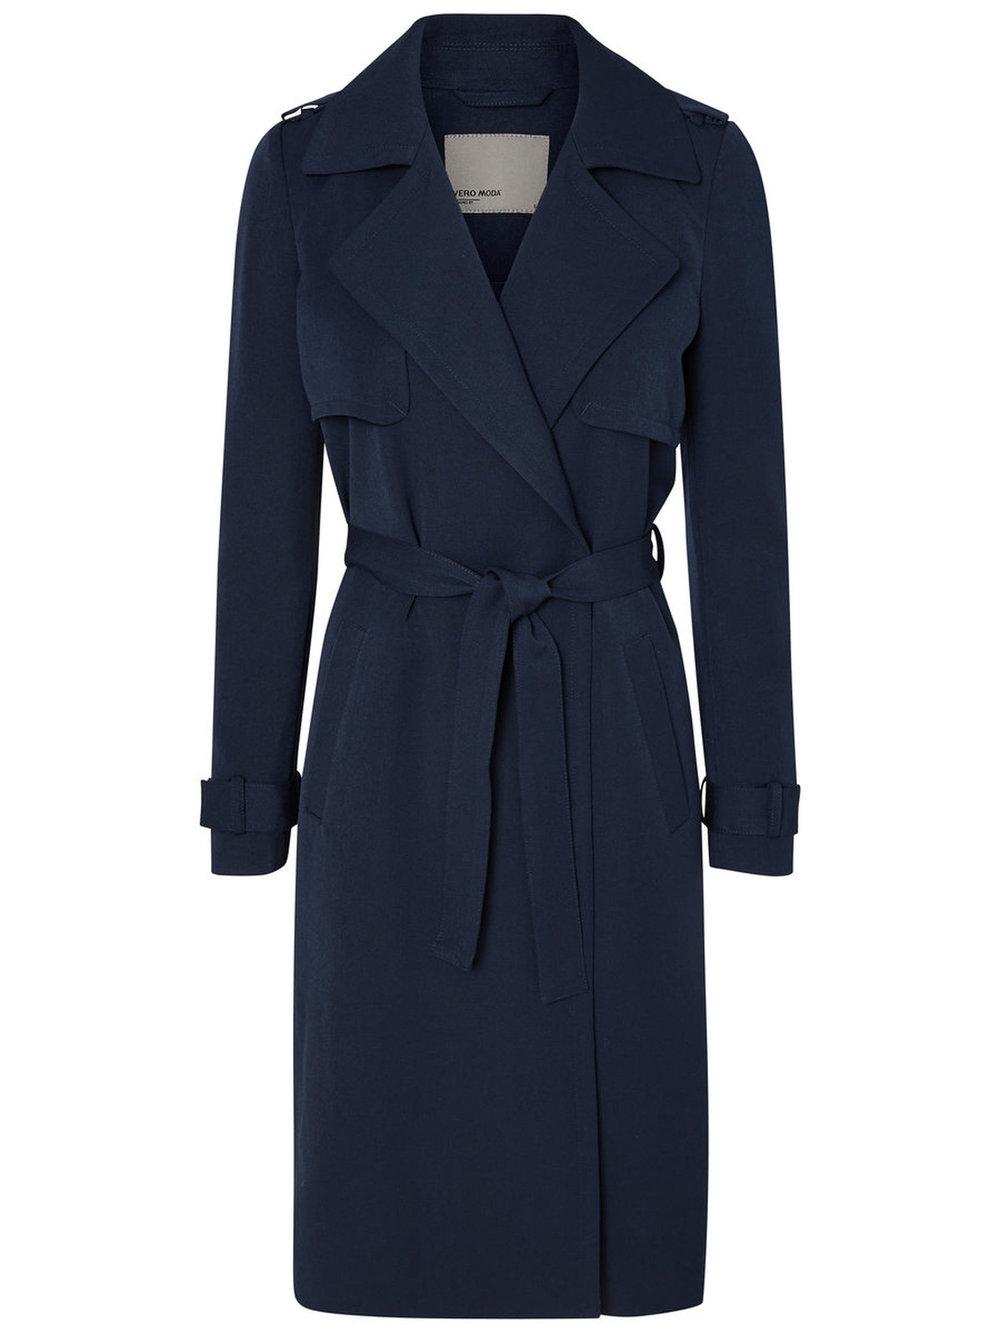 3. Le classique trench coat bleu marin qui s'agence parfaitement avec la majorité de notre garde-robe. - Vero Moda, photo www.veromoda.com